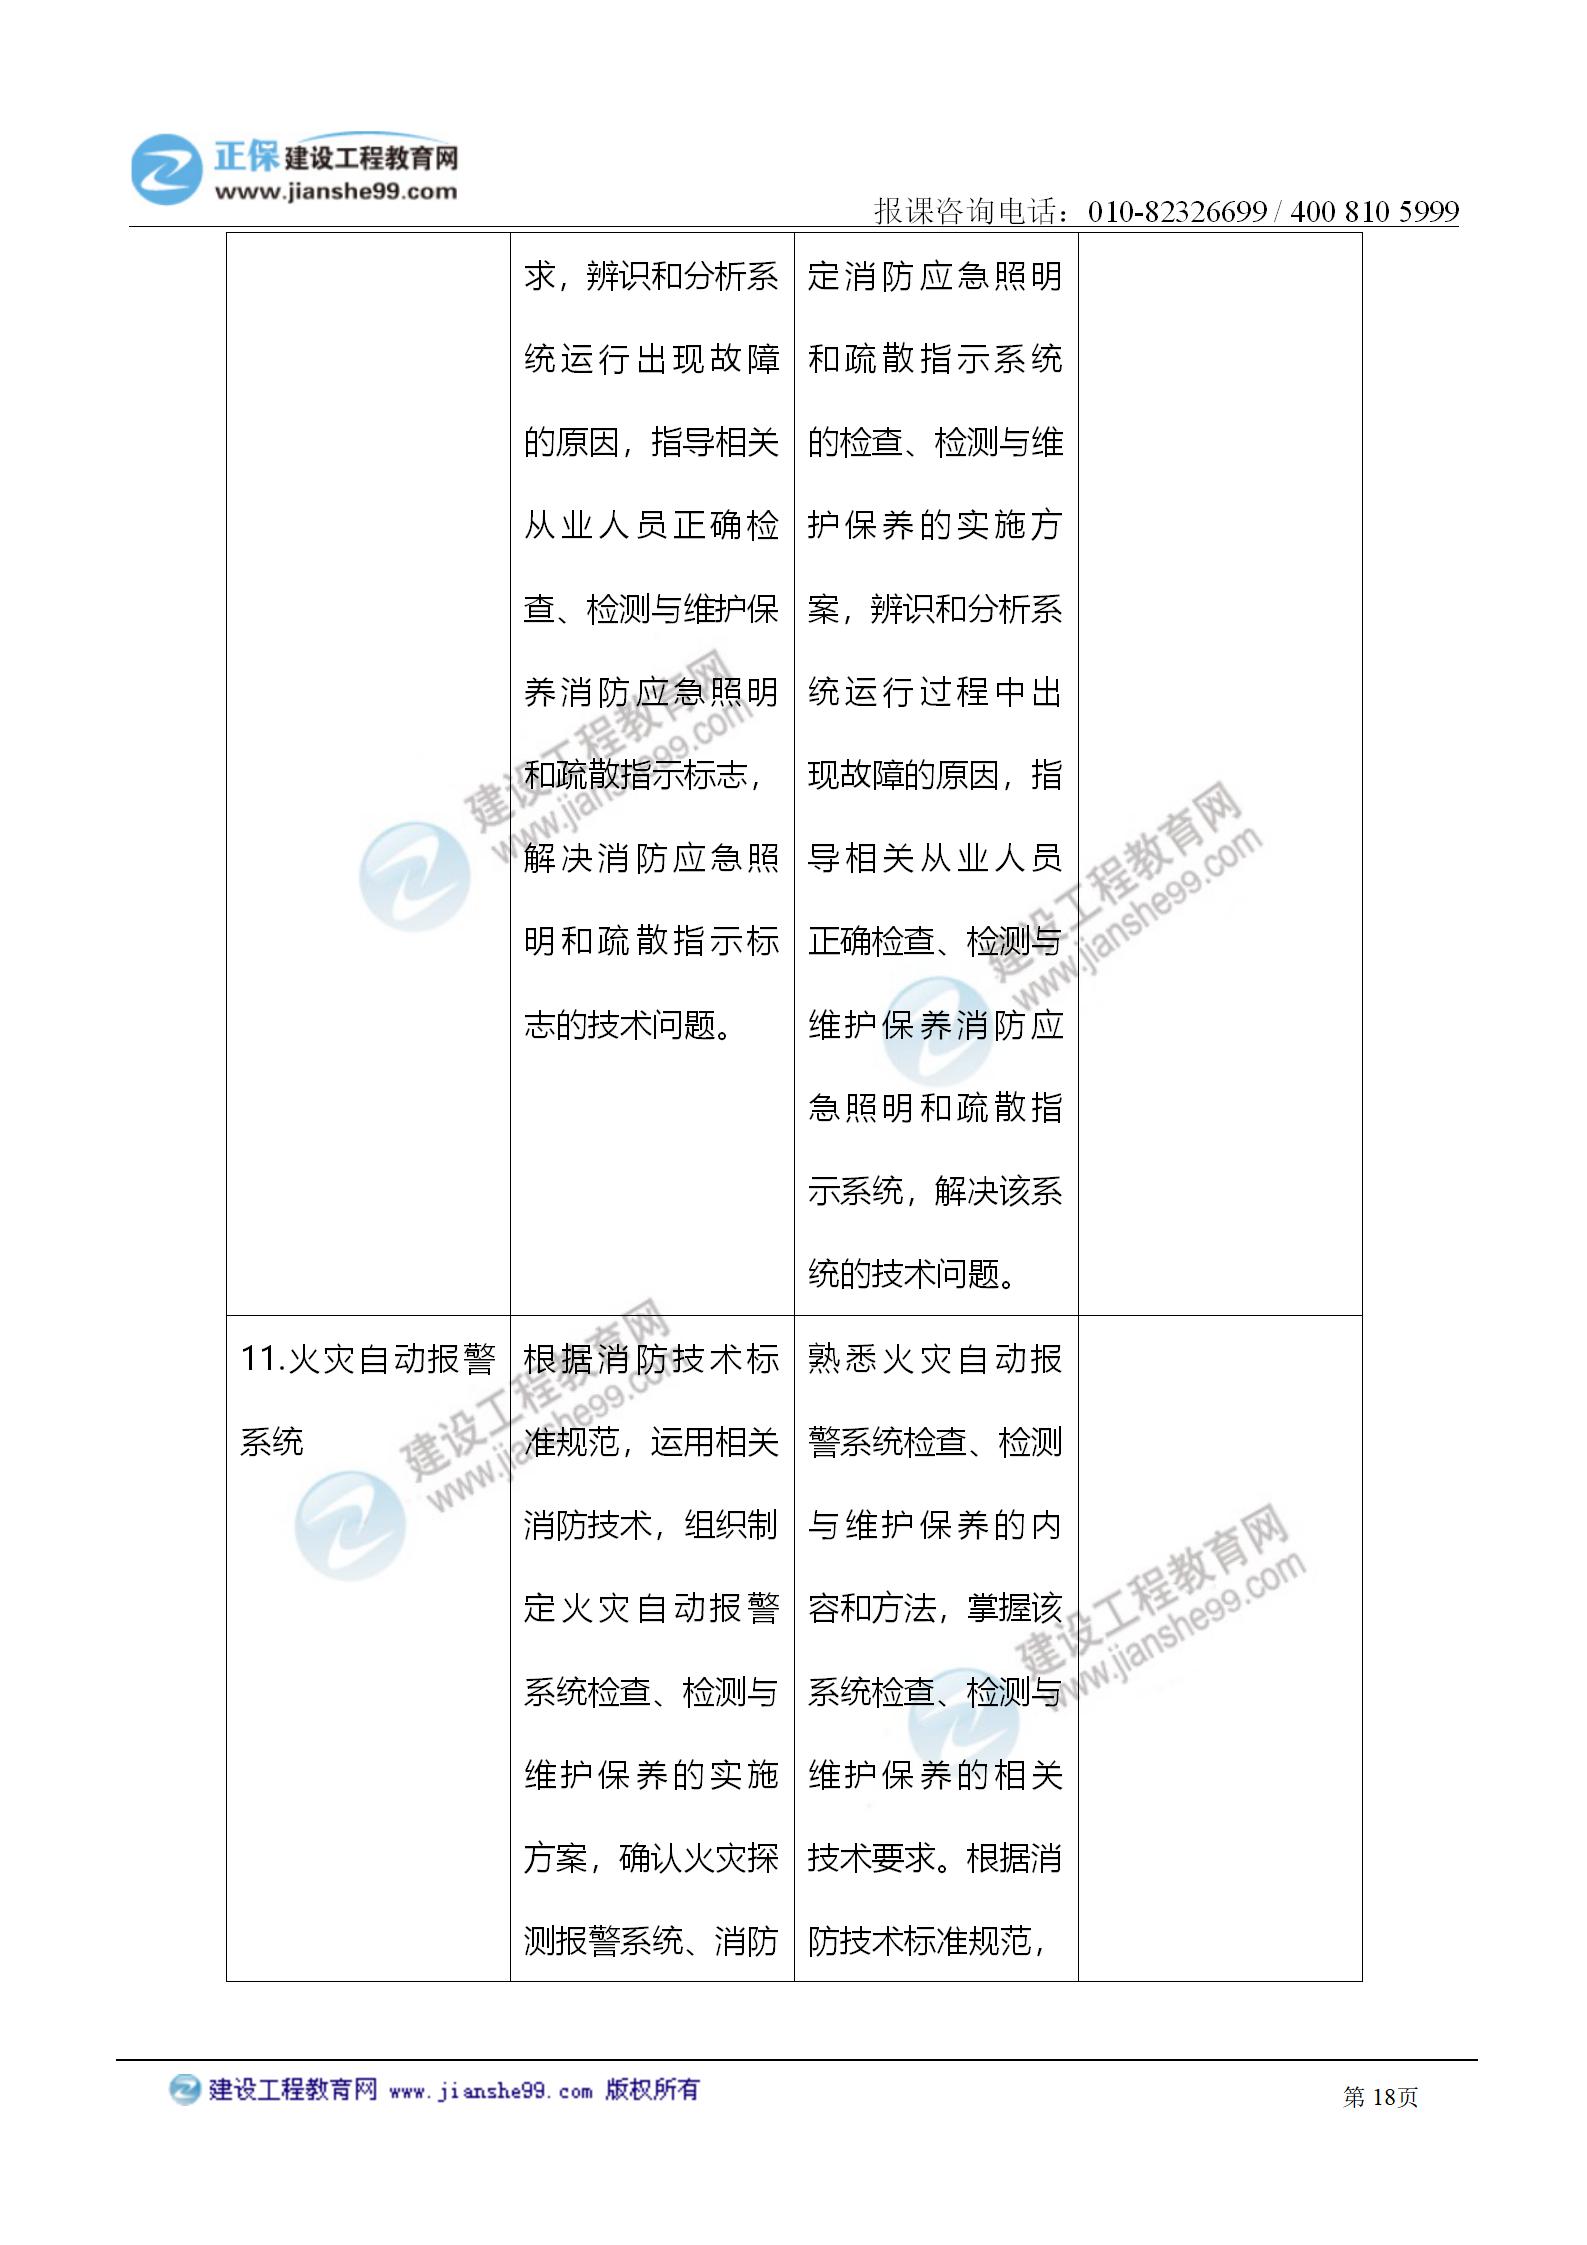 2021注册消防工程师《综合能力》考试大纲变化情况_18